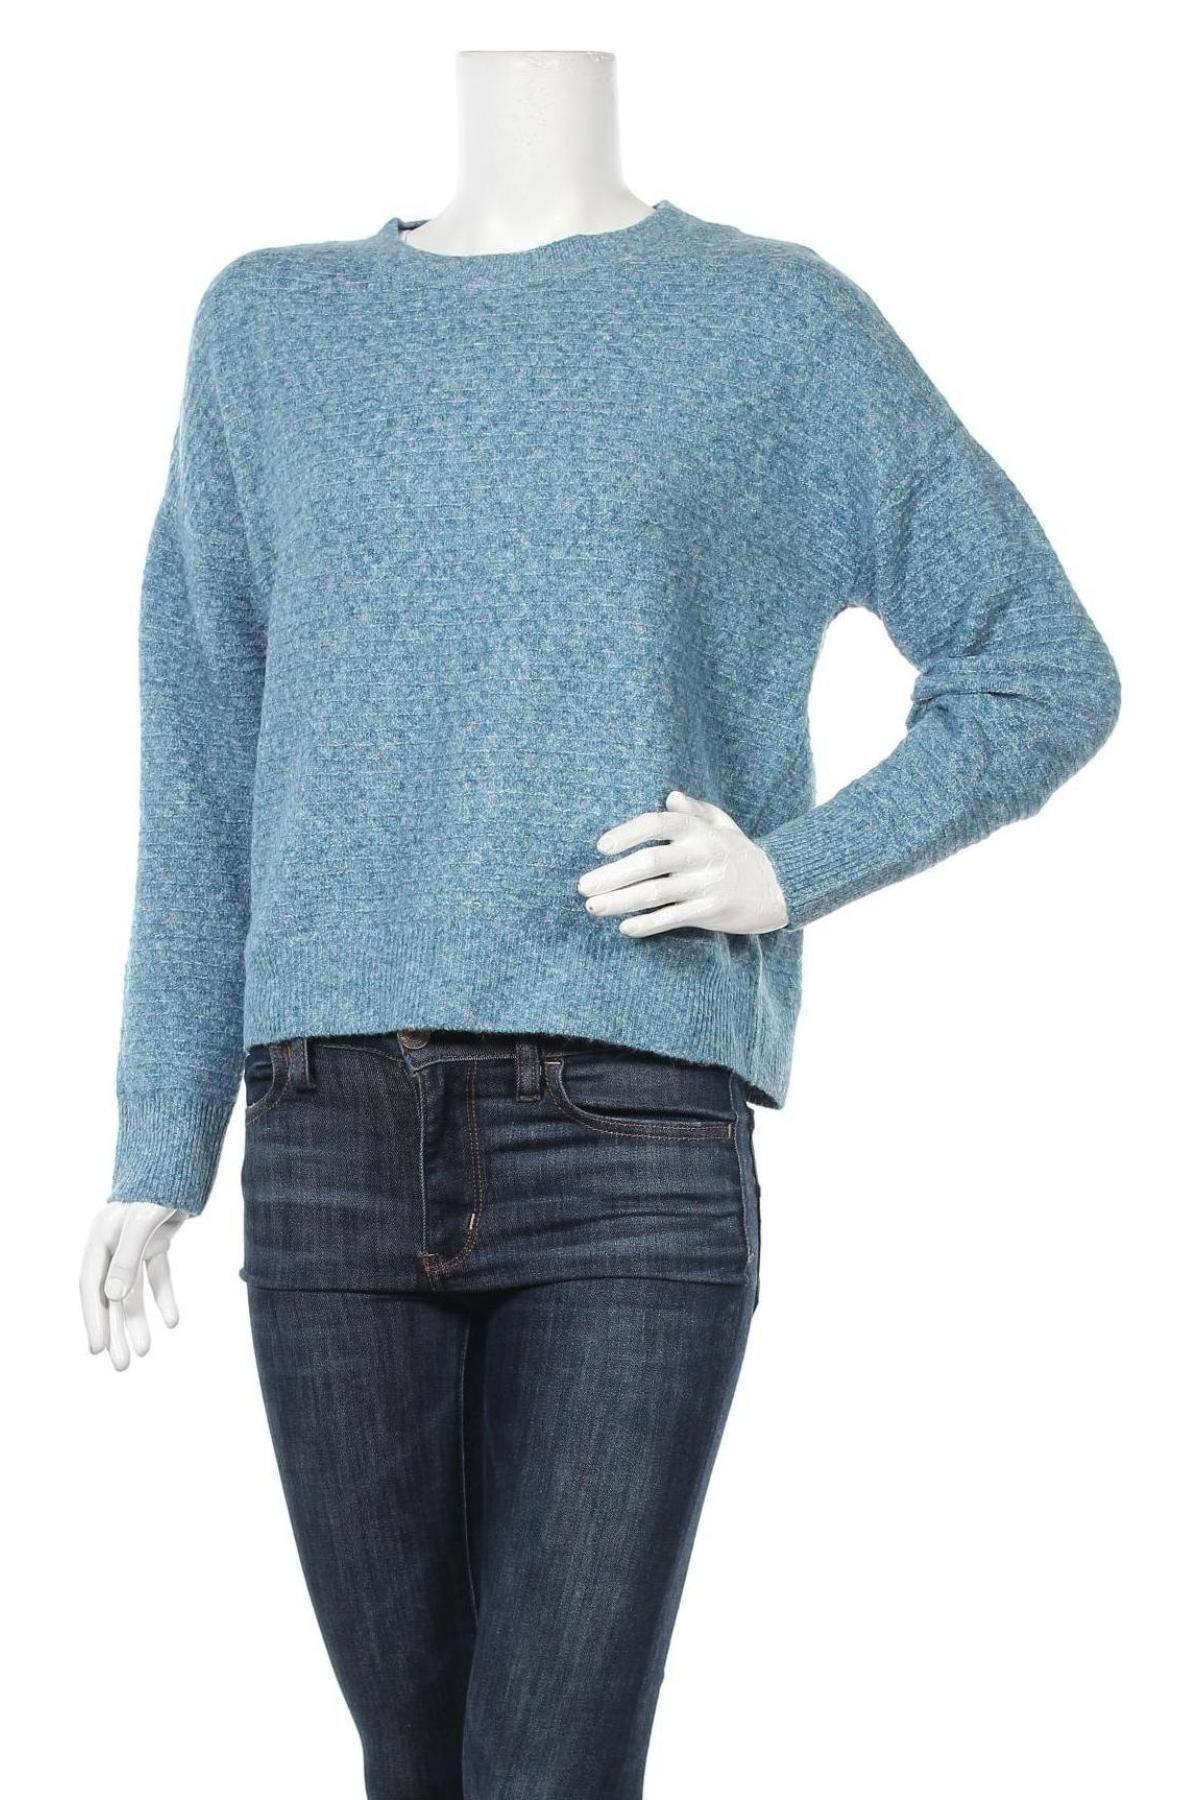 Γυναικείο πουλόβερ Vero Moda, Μέγεθος S, Χρώμα Μπλέ, 94% πολυεστέρας, 3% ελαστάνη, 3% πολυαμίδη, Τιμή 22,81€